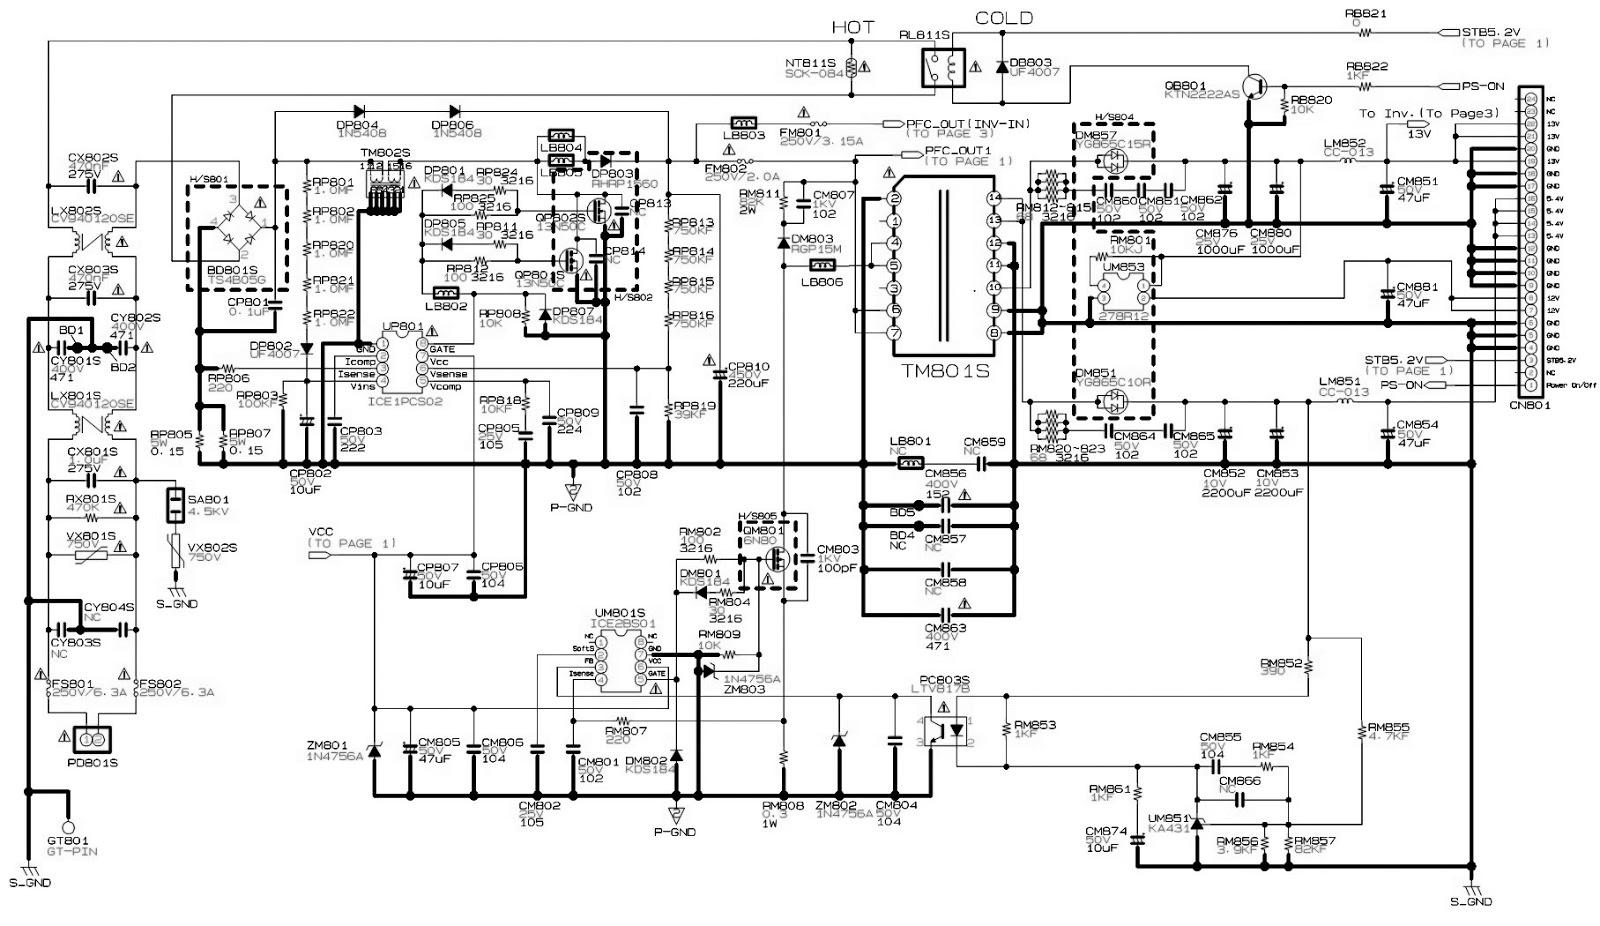 tv circuit board diagram repair gb 2479  samsung tv circuit board schematic wiring diagram  tv circuit board schematic wiring diagram